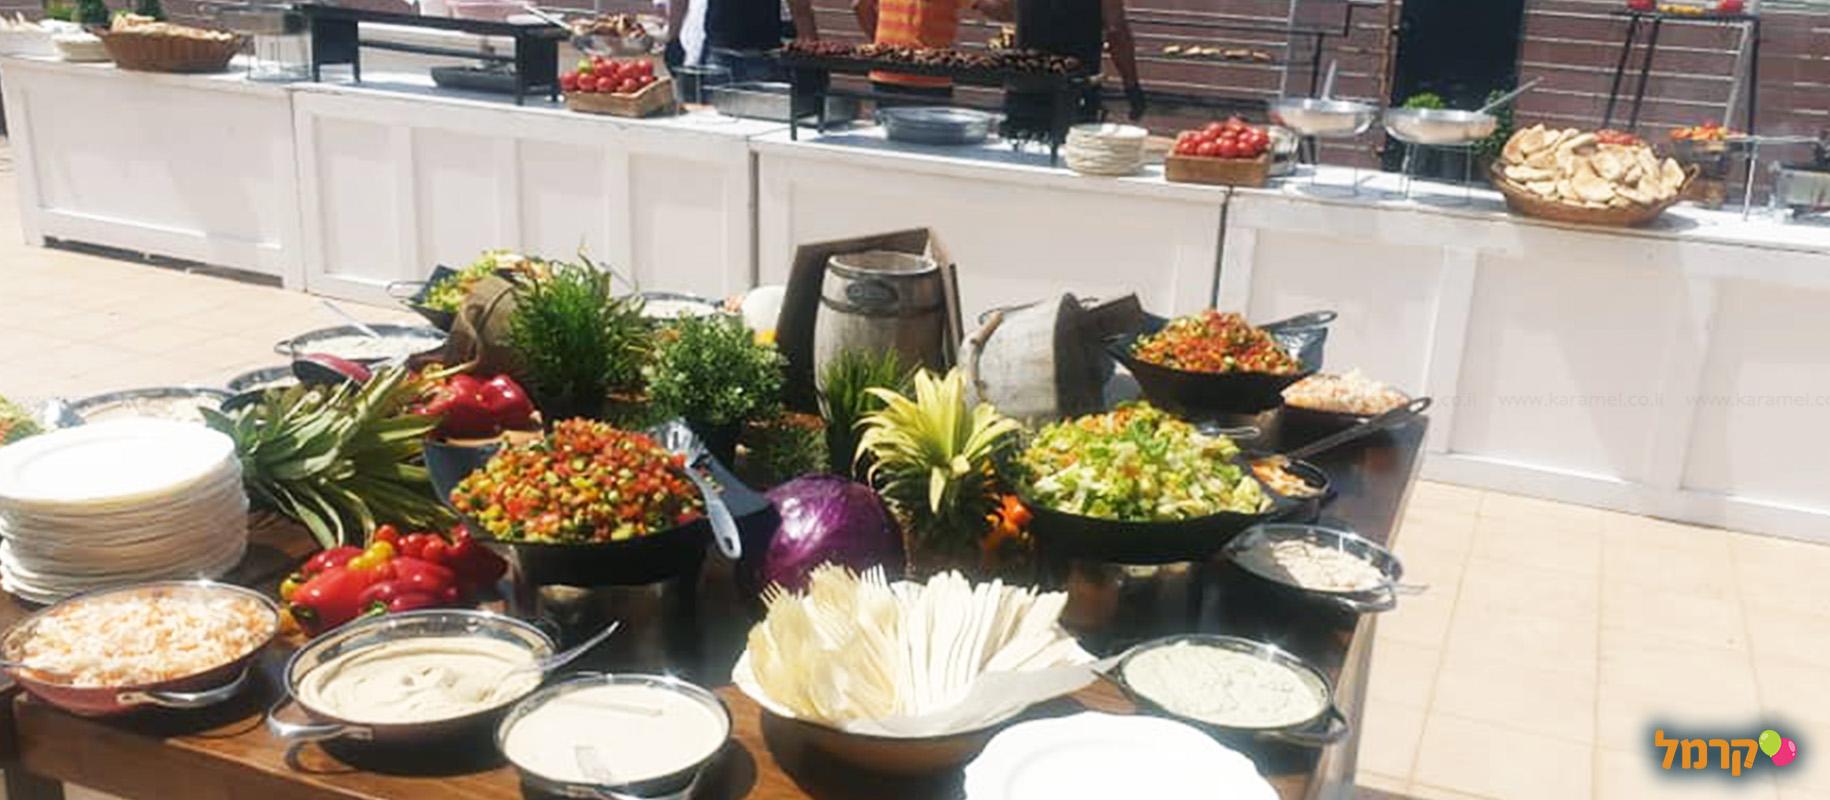 ניסים ונפלאות - דוכני מזון אטרקטיביים - 073-7581925